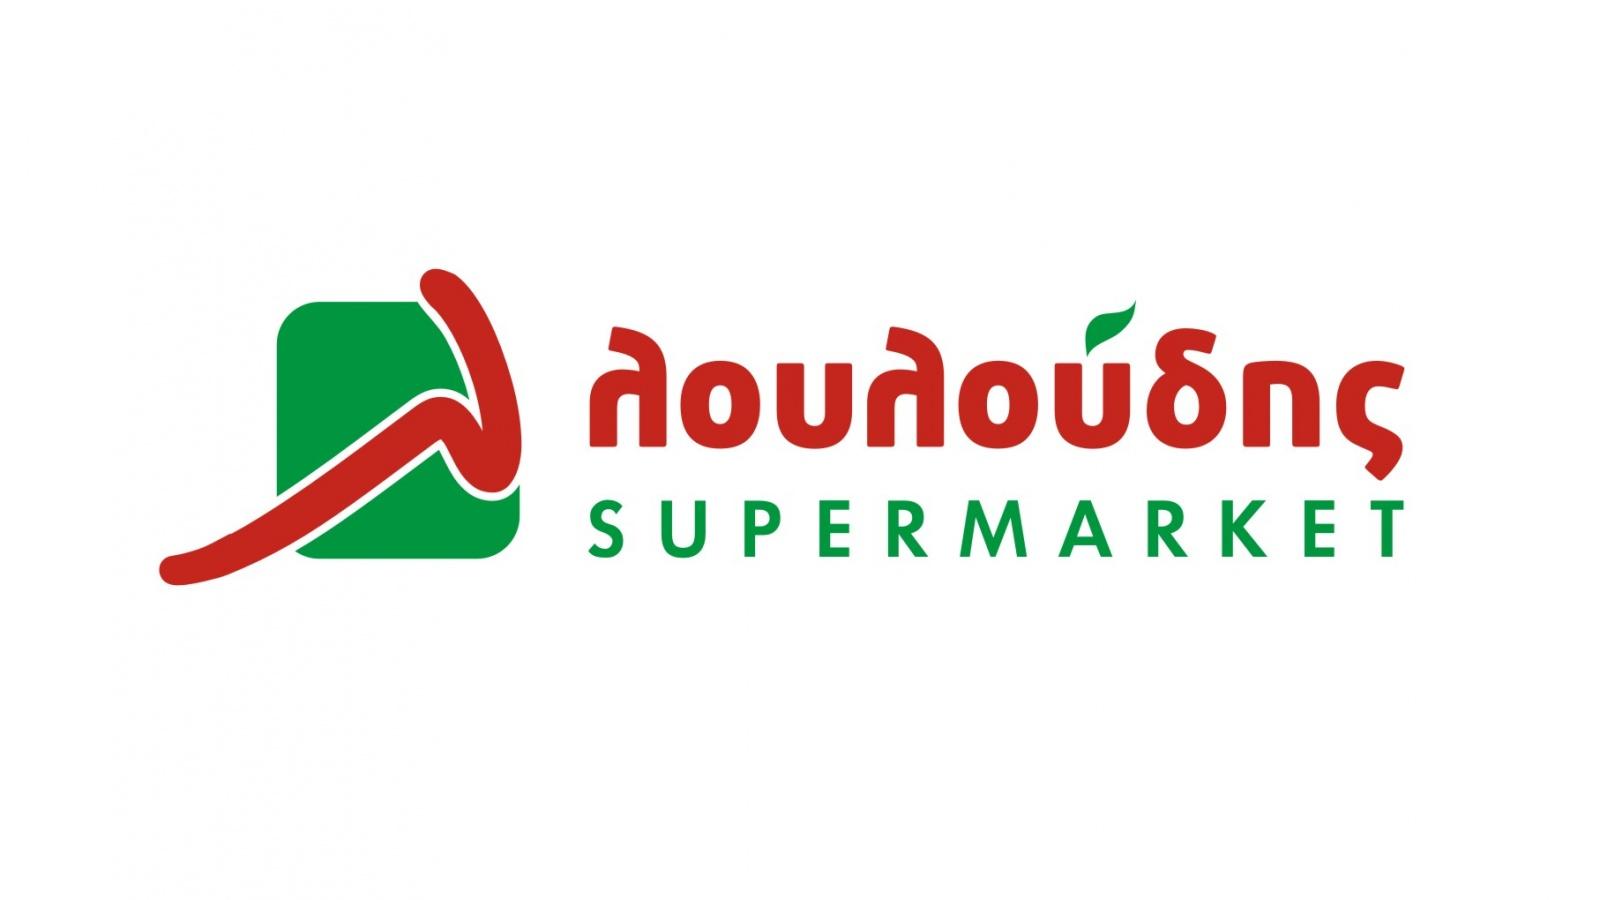 Λουλούδης Super Market